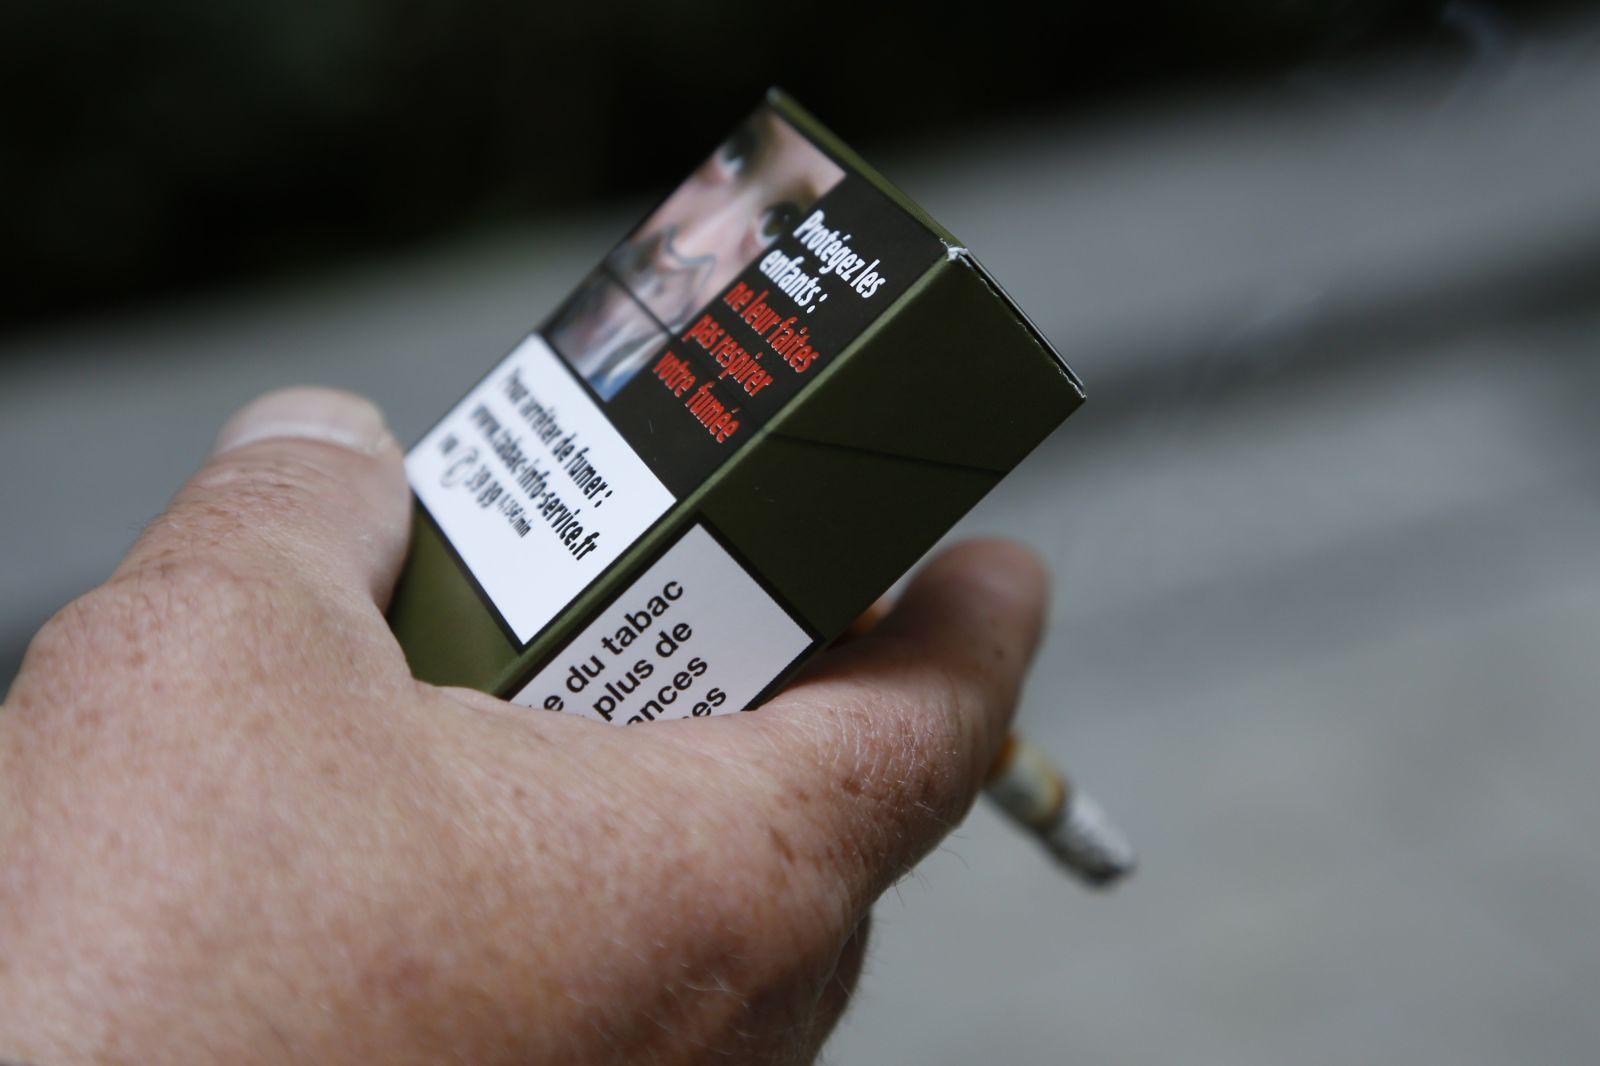 Sigara Paketi Renk Psikolojisi